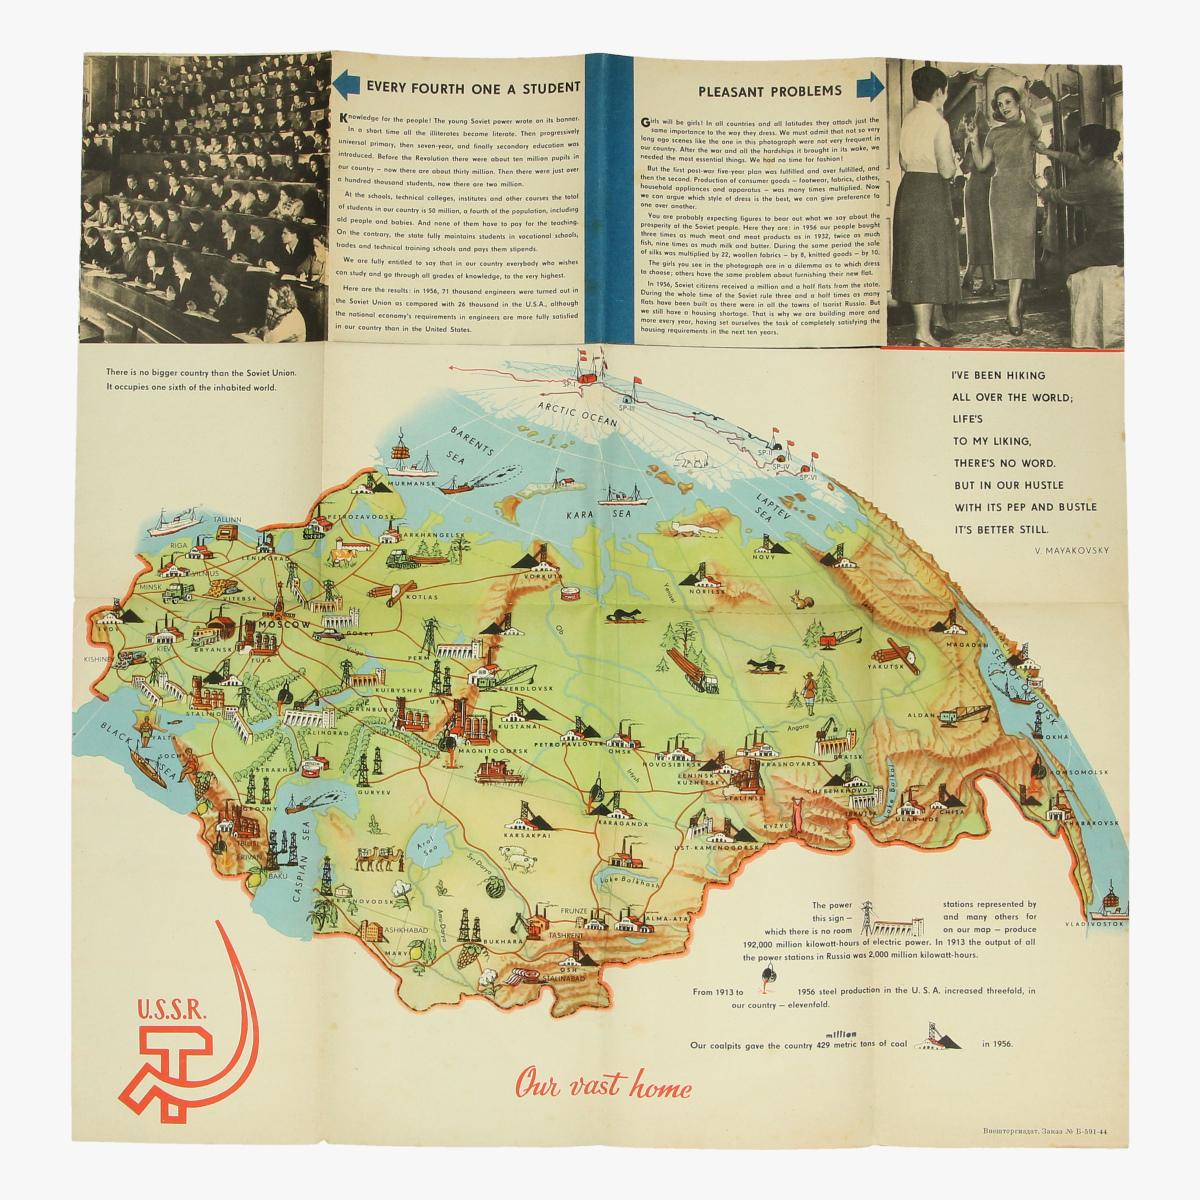 Afbeeldingen van expo 58 u.r.s.s. section bxl universal and international exhibition 1958